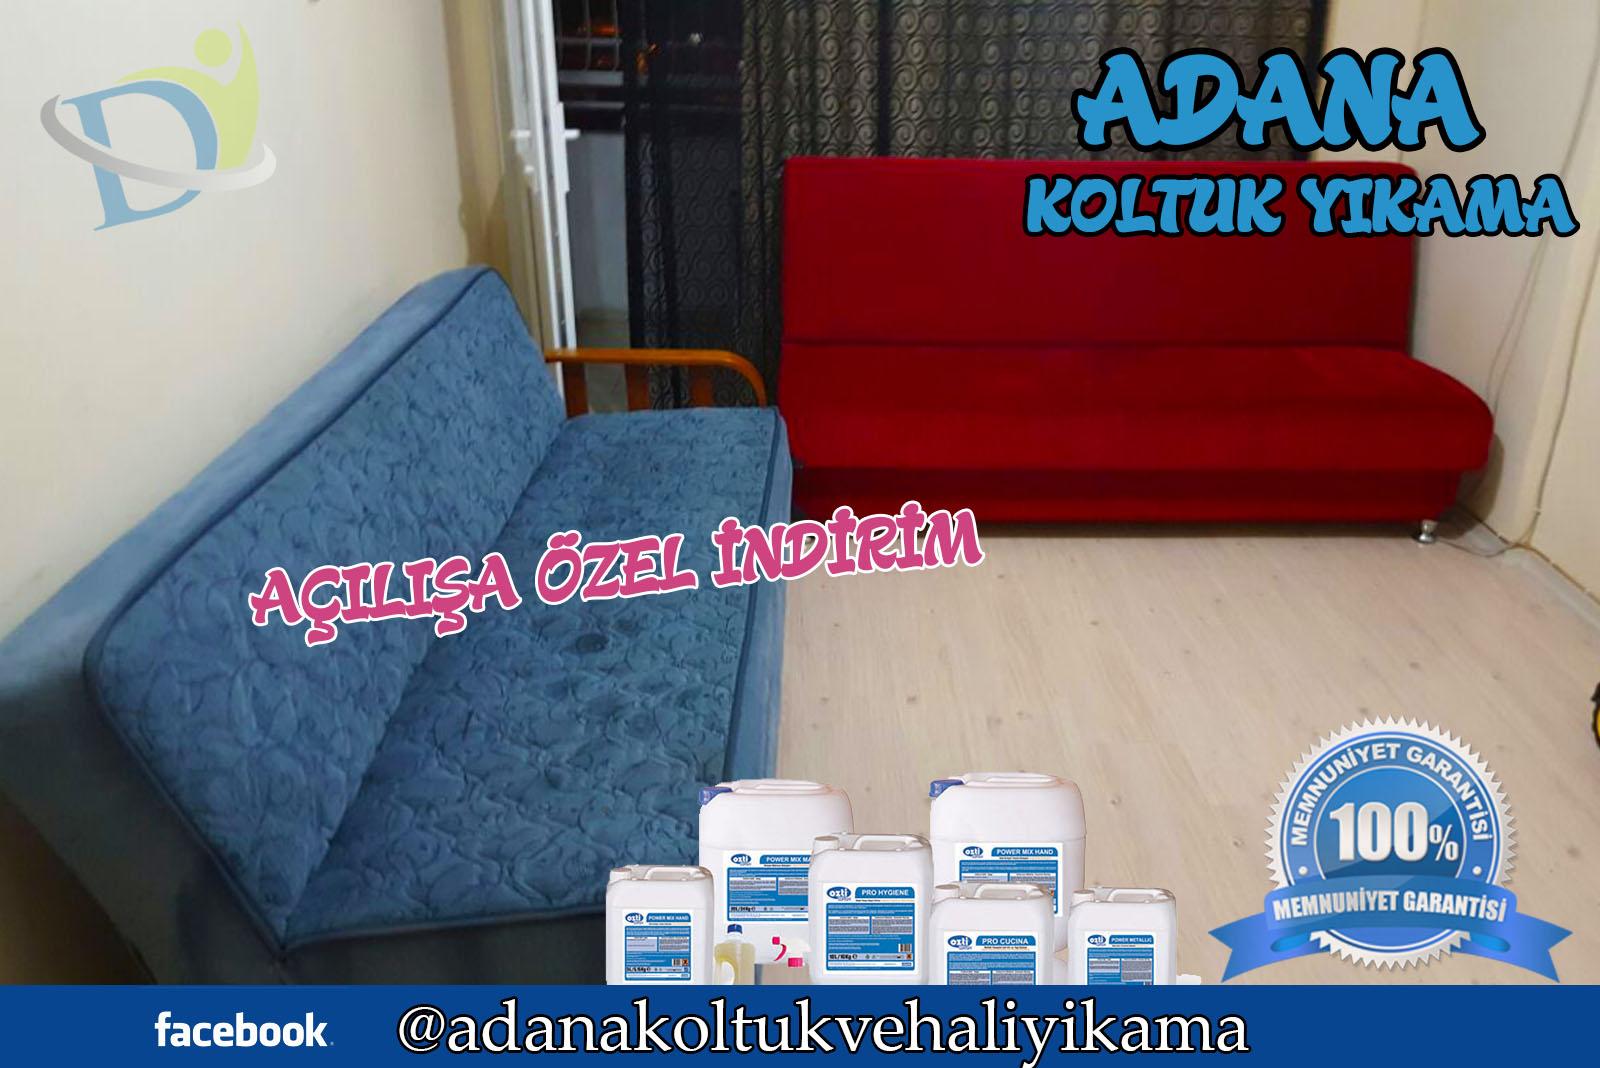 Adana Mavi Bulvar Çekyat Yıkama Hizmeti